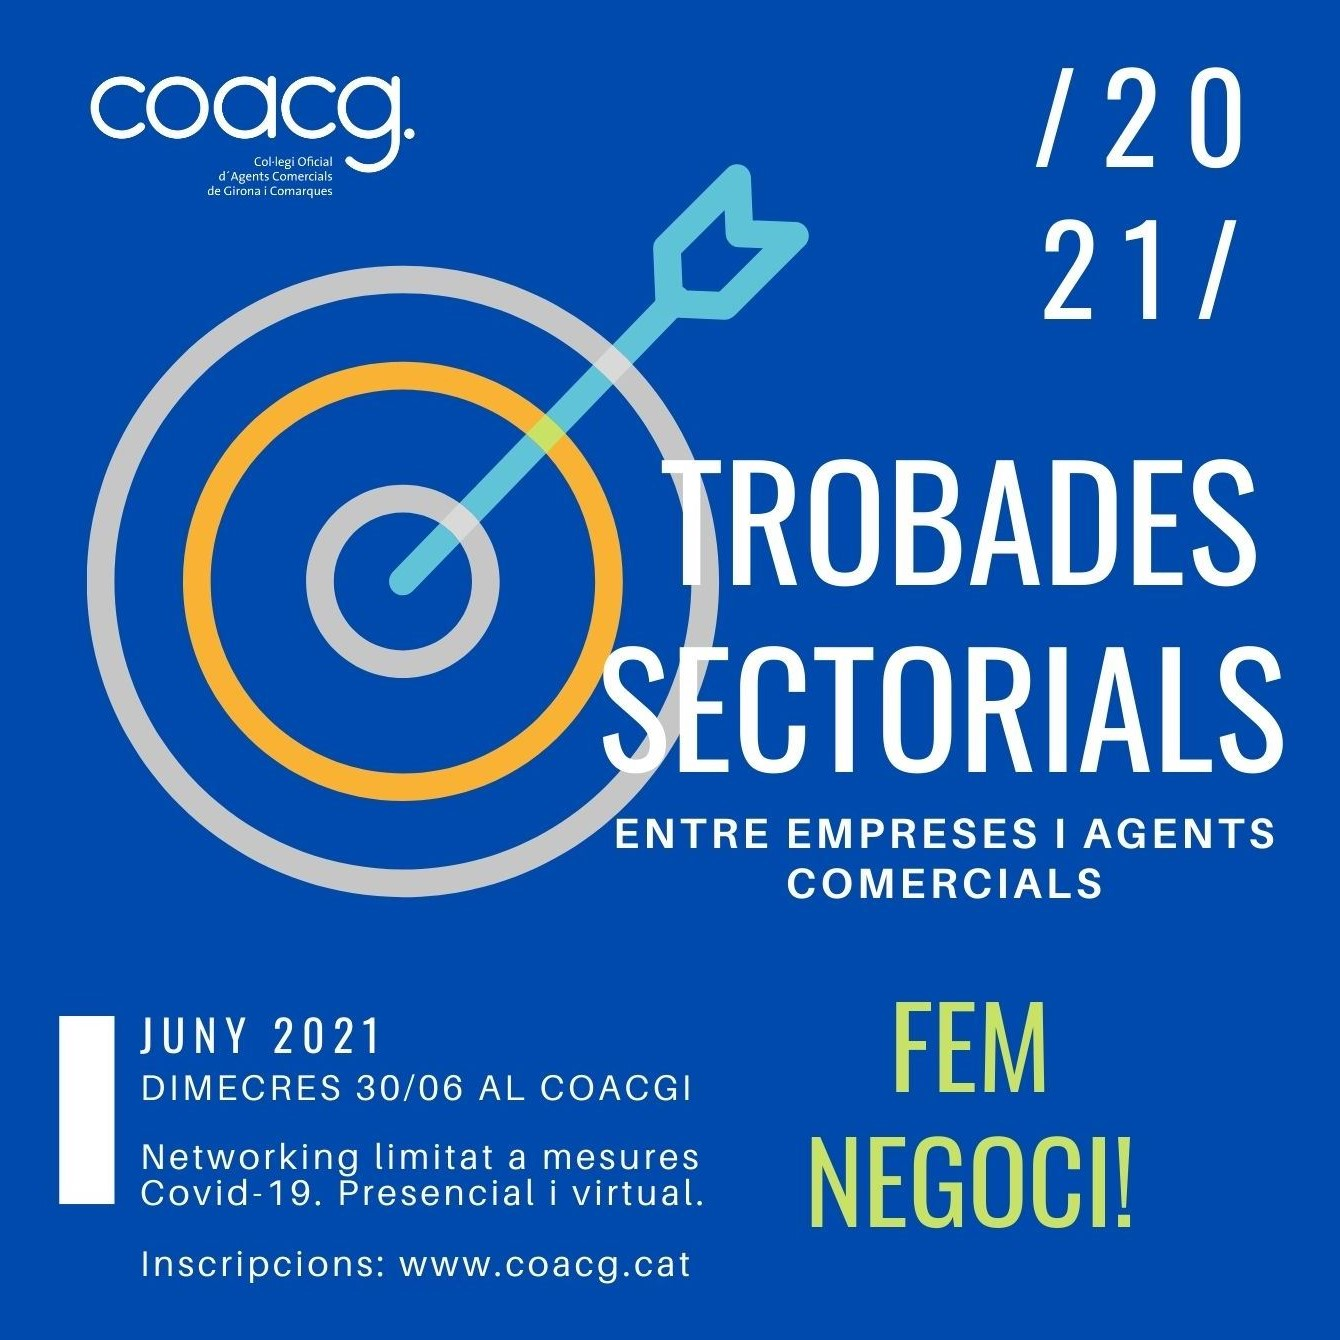 trobades-sectorials-2021-cat-juny